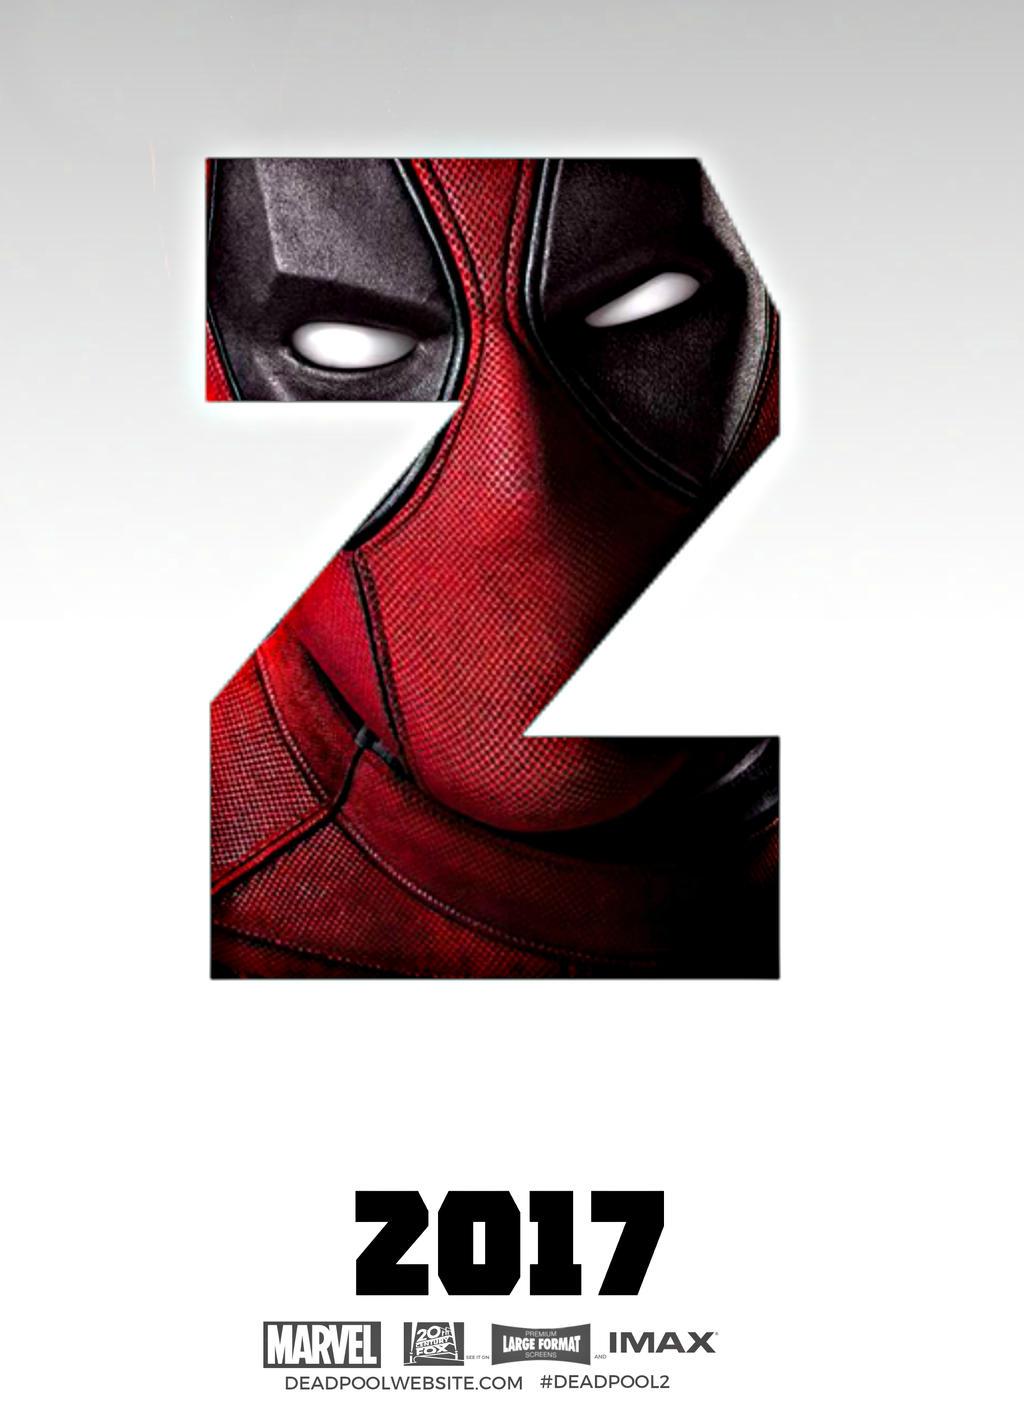 Deadpool 2 - Teaser Poster by NoPlanes on DeviantArt